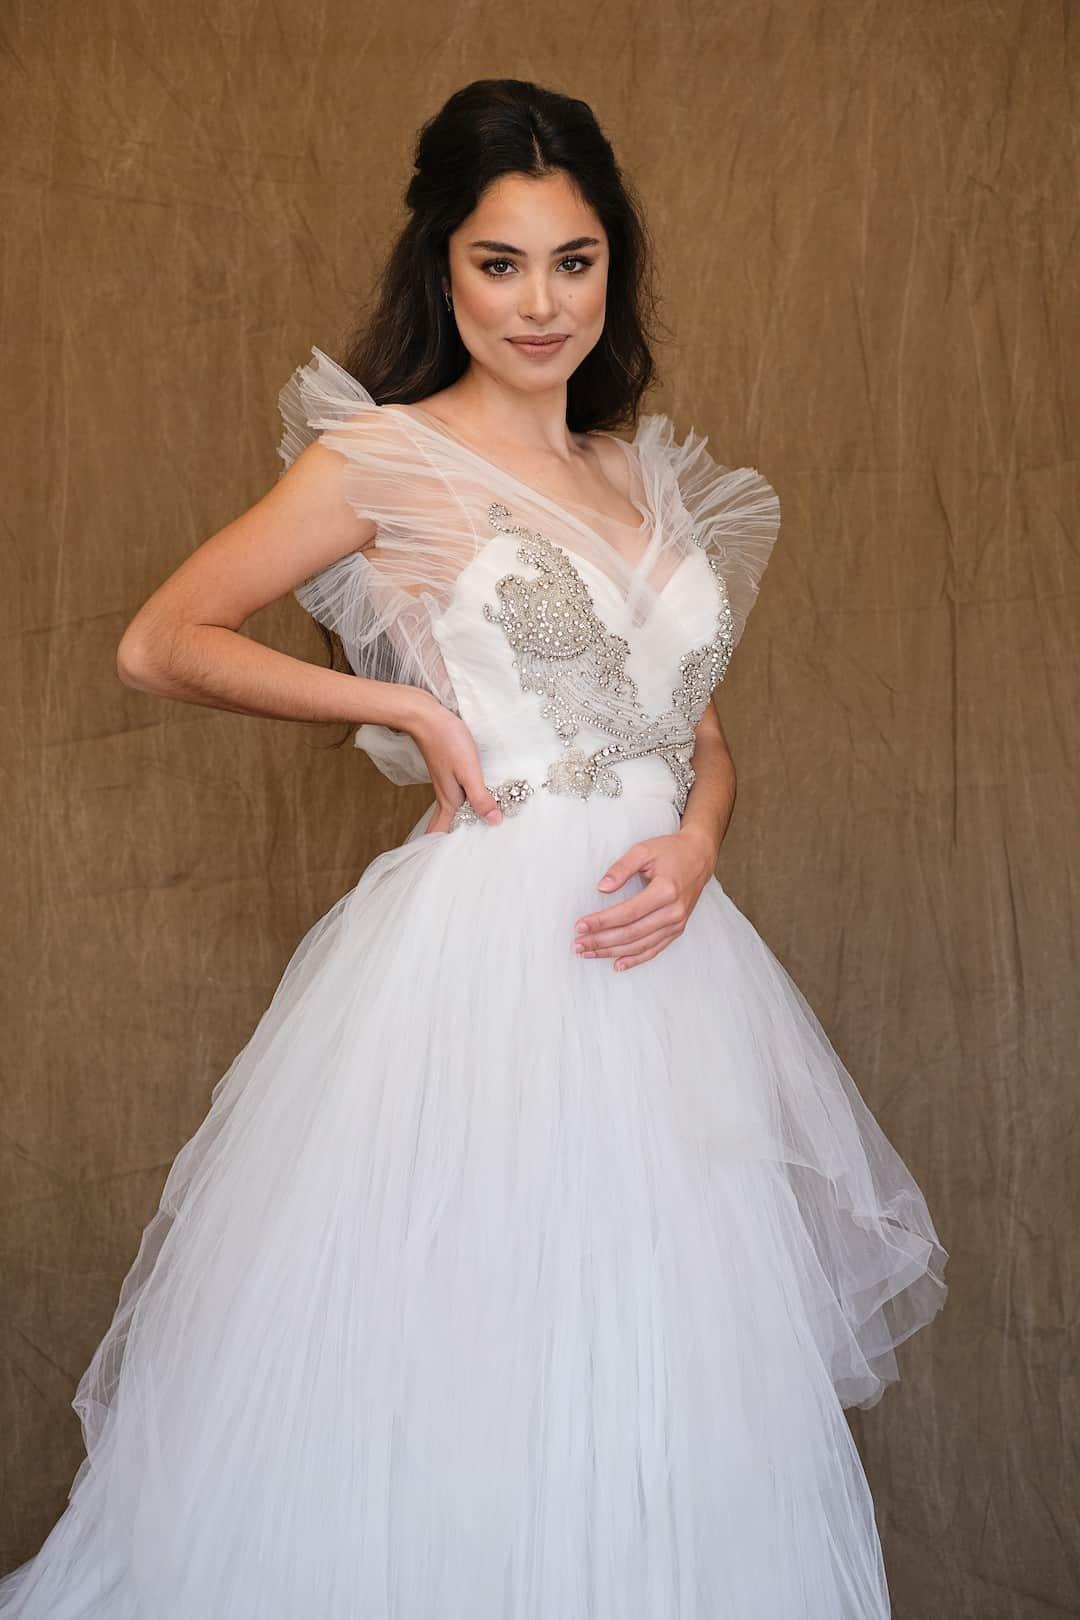 Romantikus menyasszonyi ruhák - Marco&Maria - 14-1031-front-top